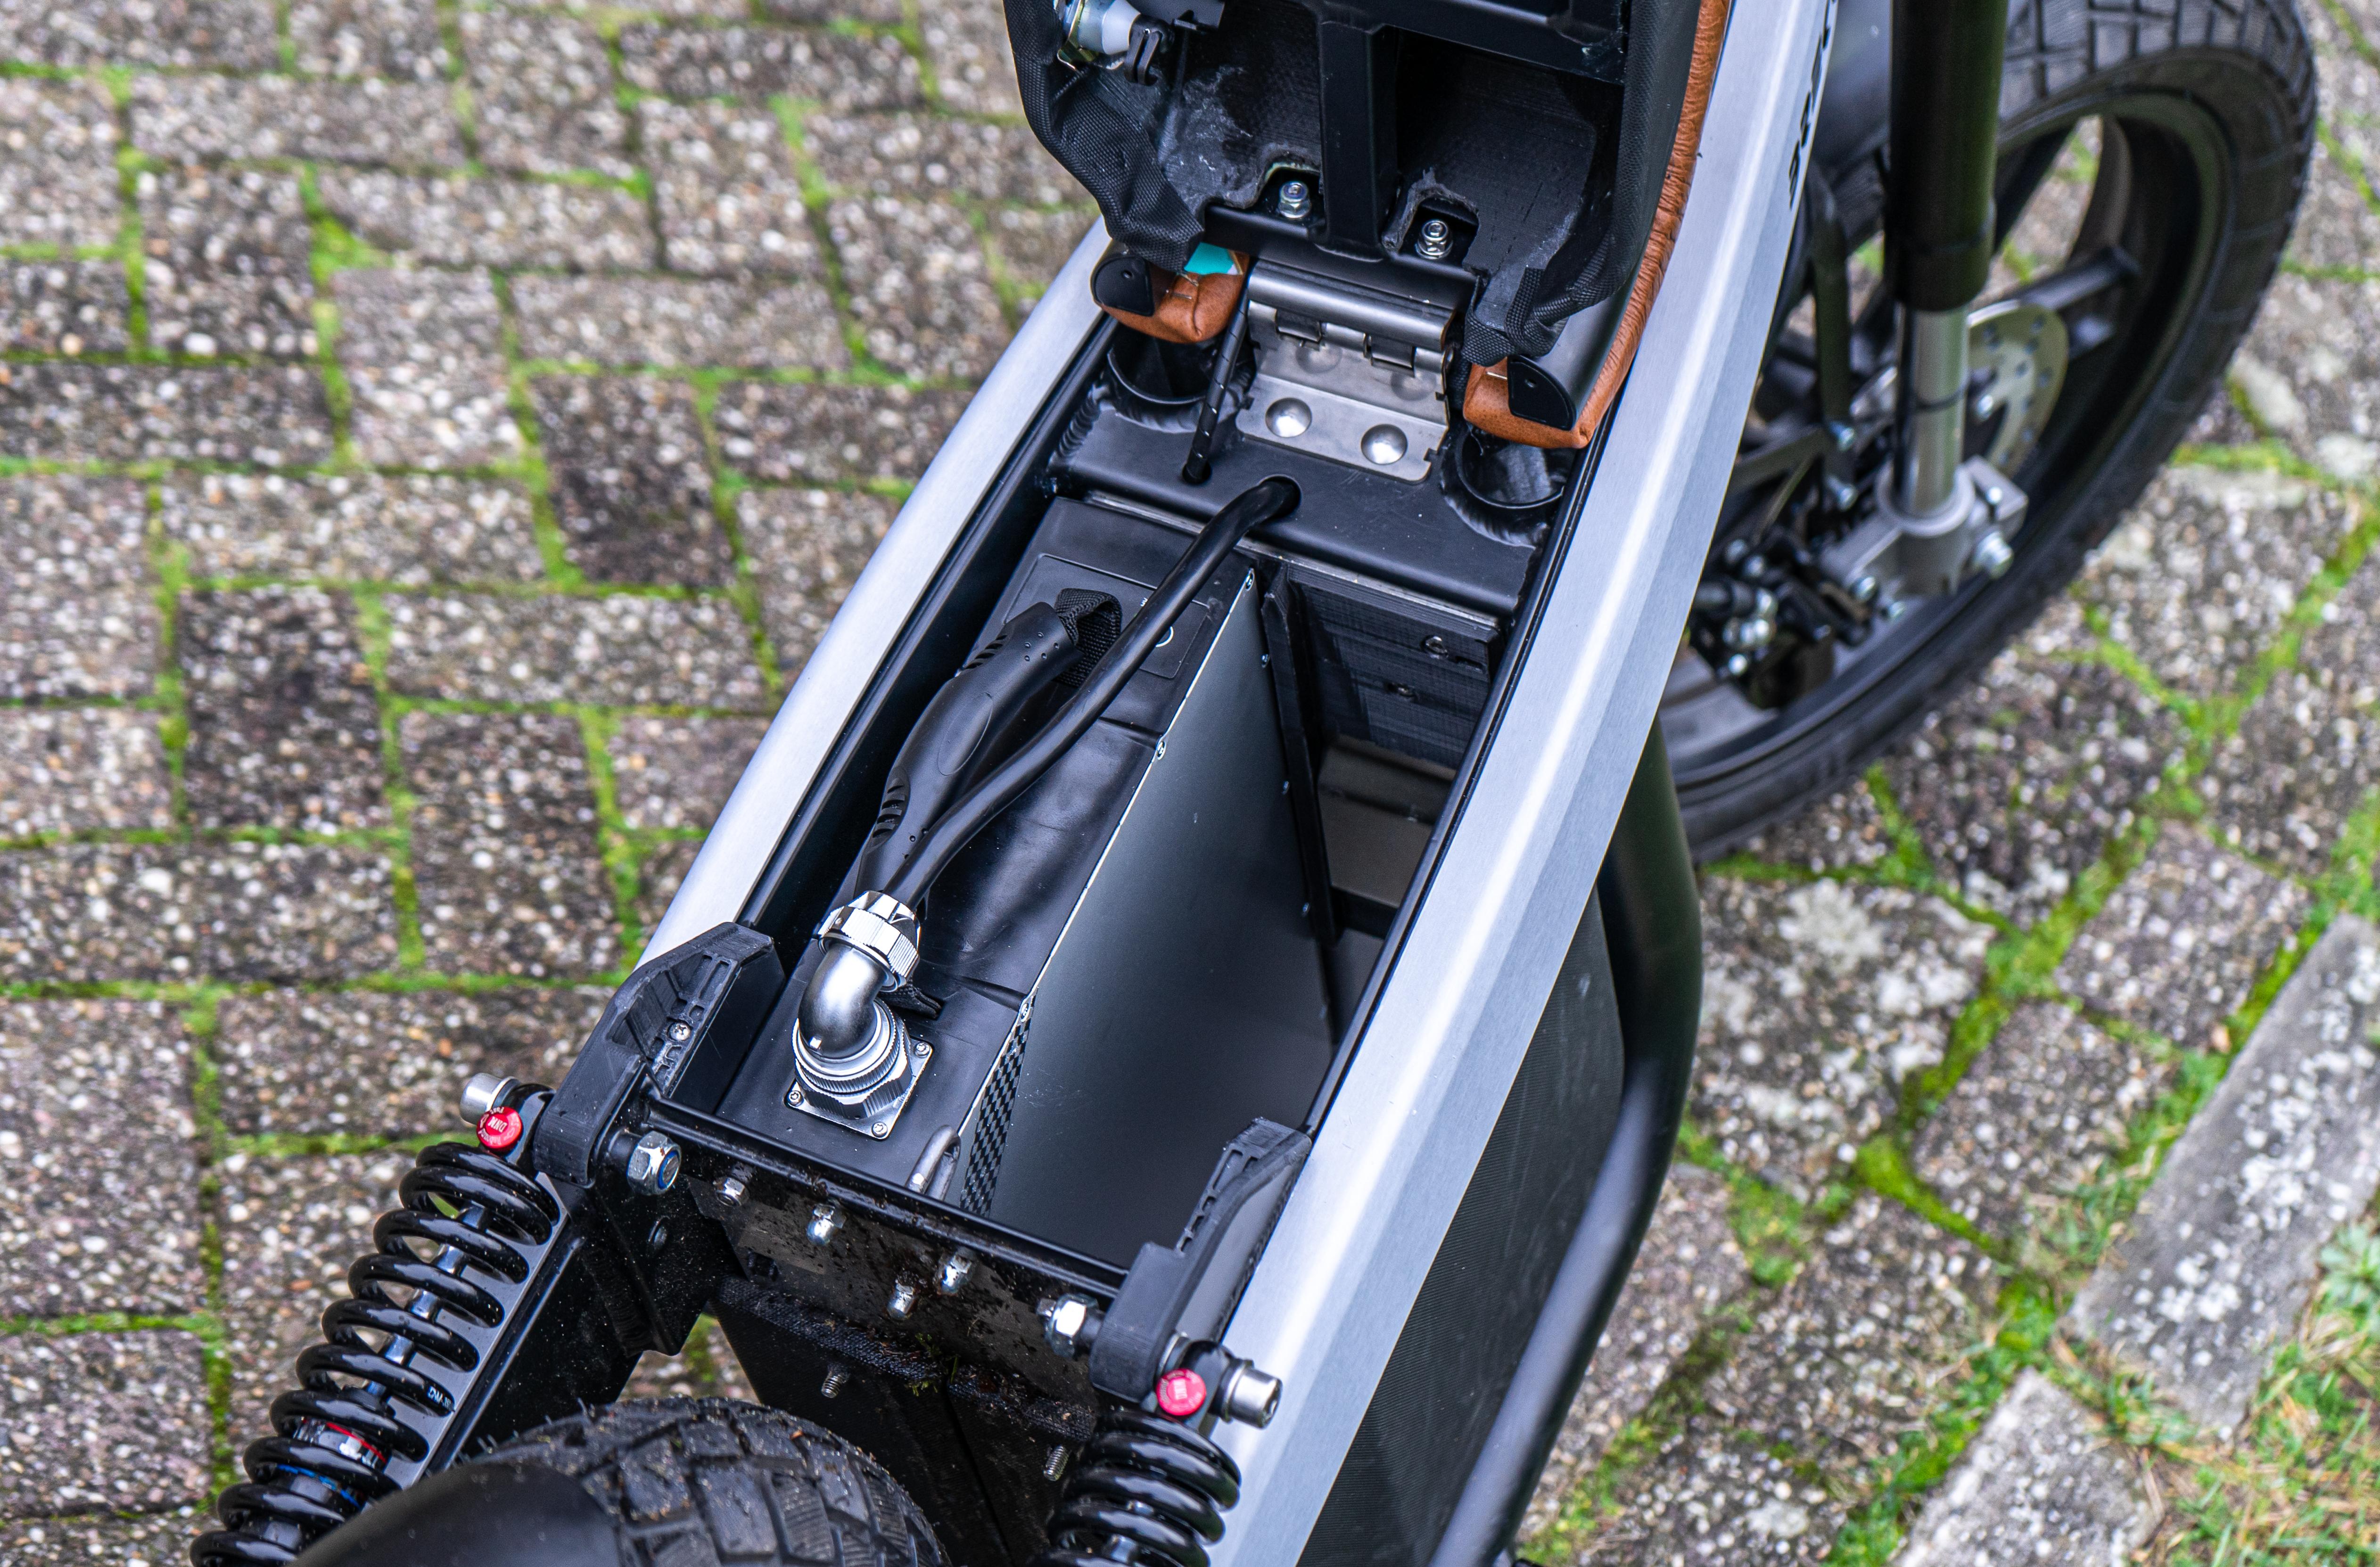 Brekr Model B batterij